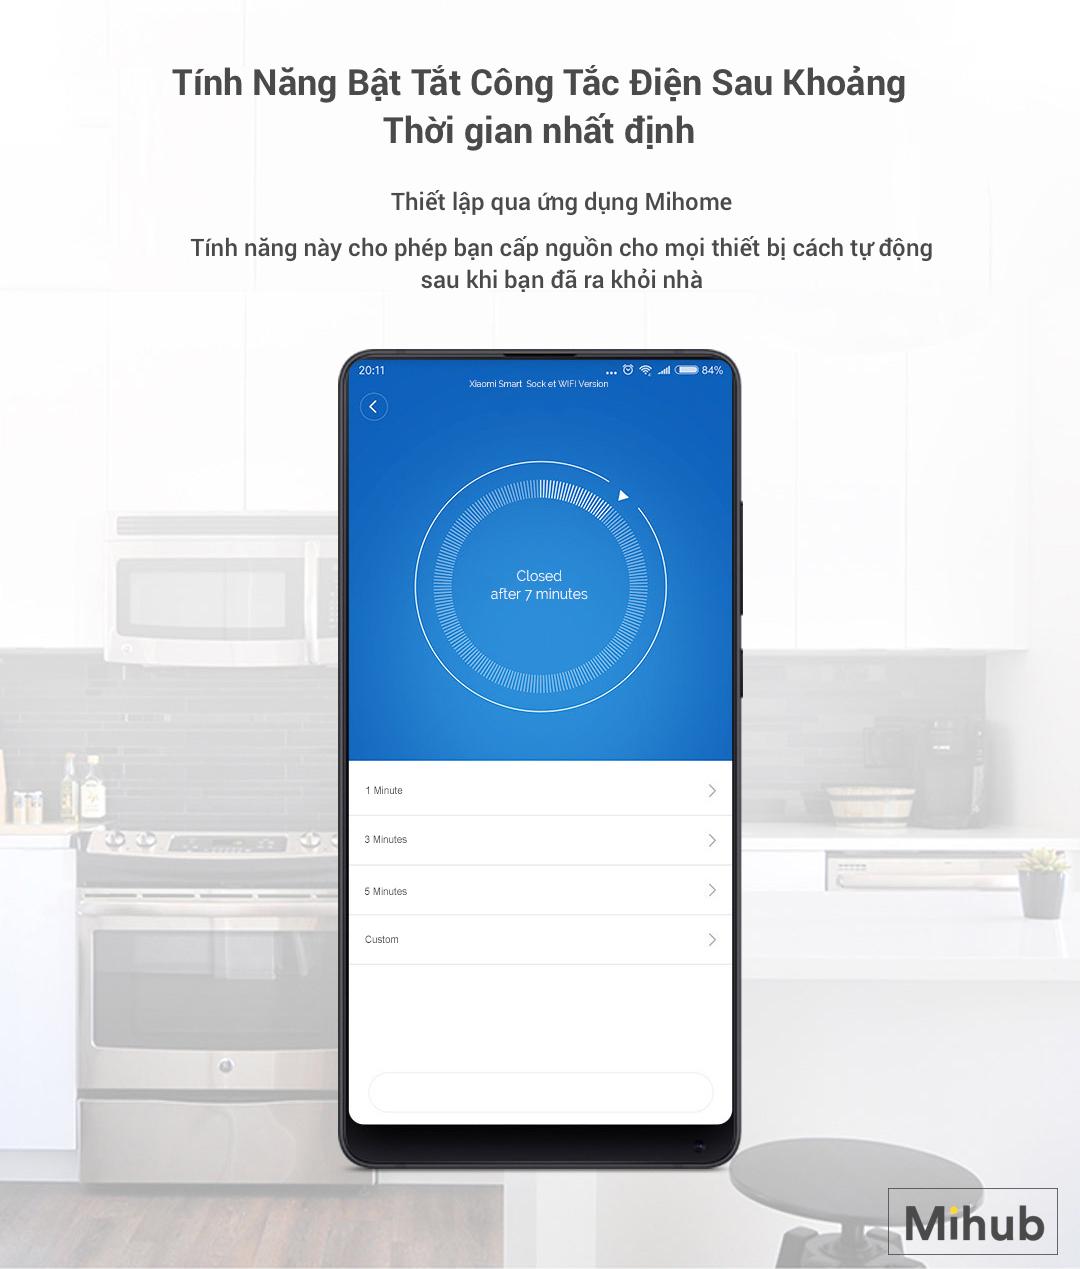 Địa chỉ mua Ổ Cắm Thông Minh Xiaomi tại sài gòn